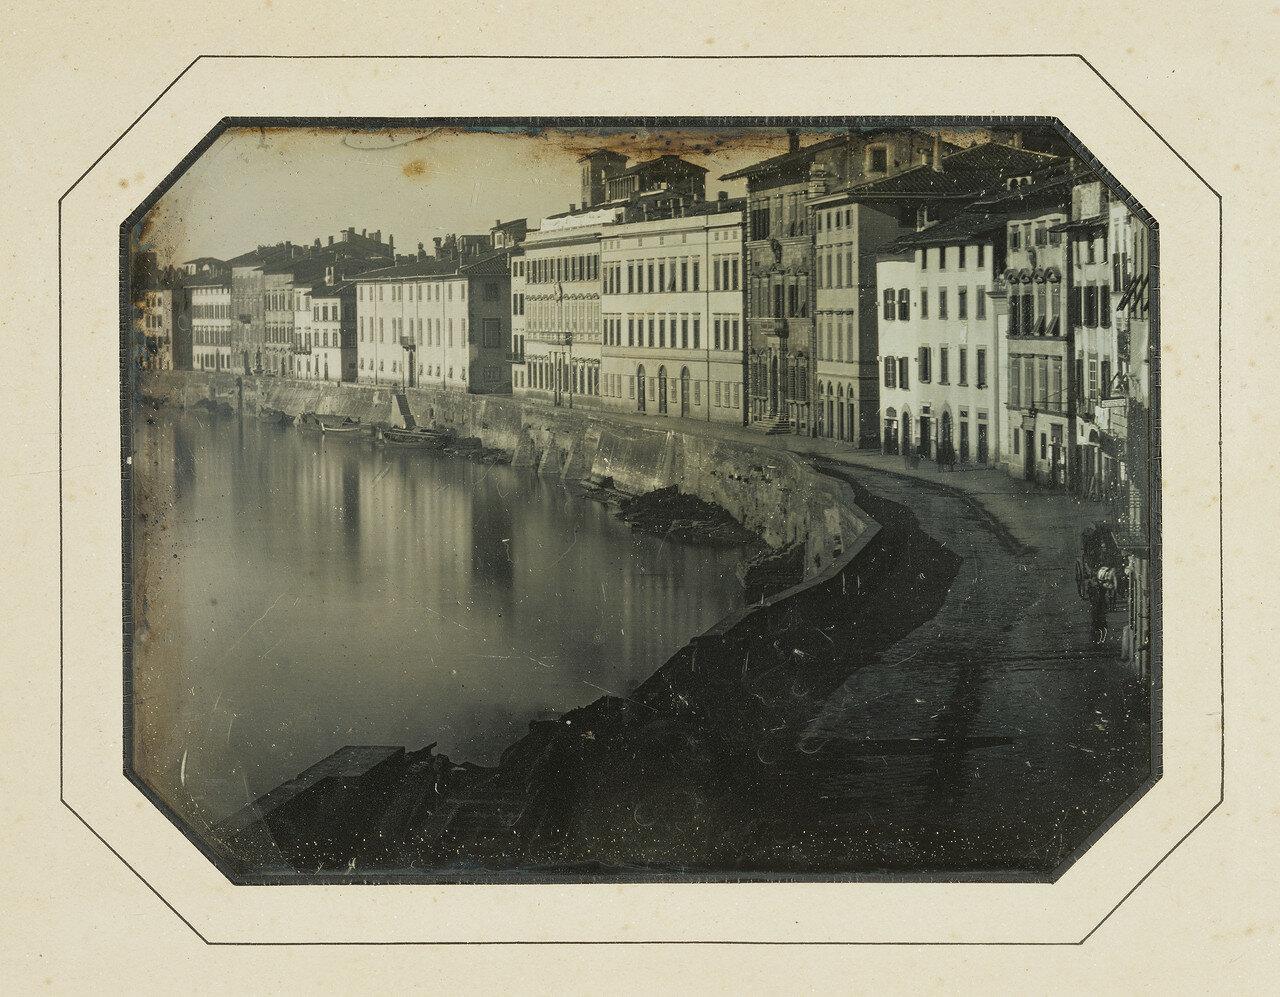 Пиза, Италия. Вид Пизы вдоль реки Арно